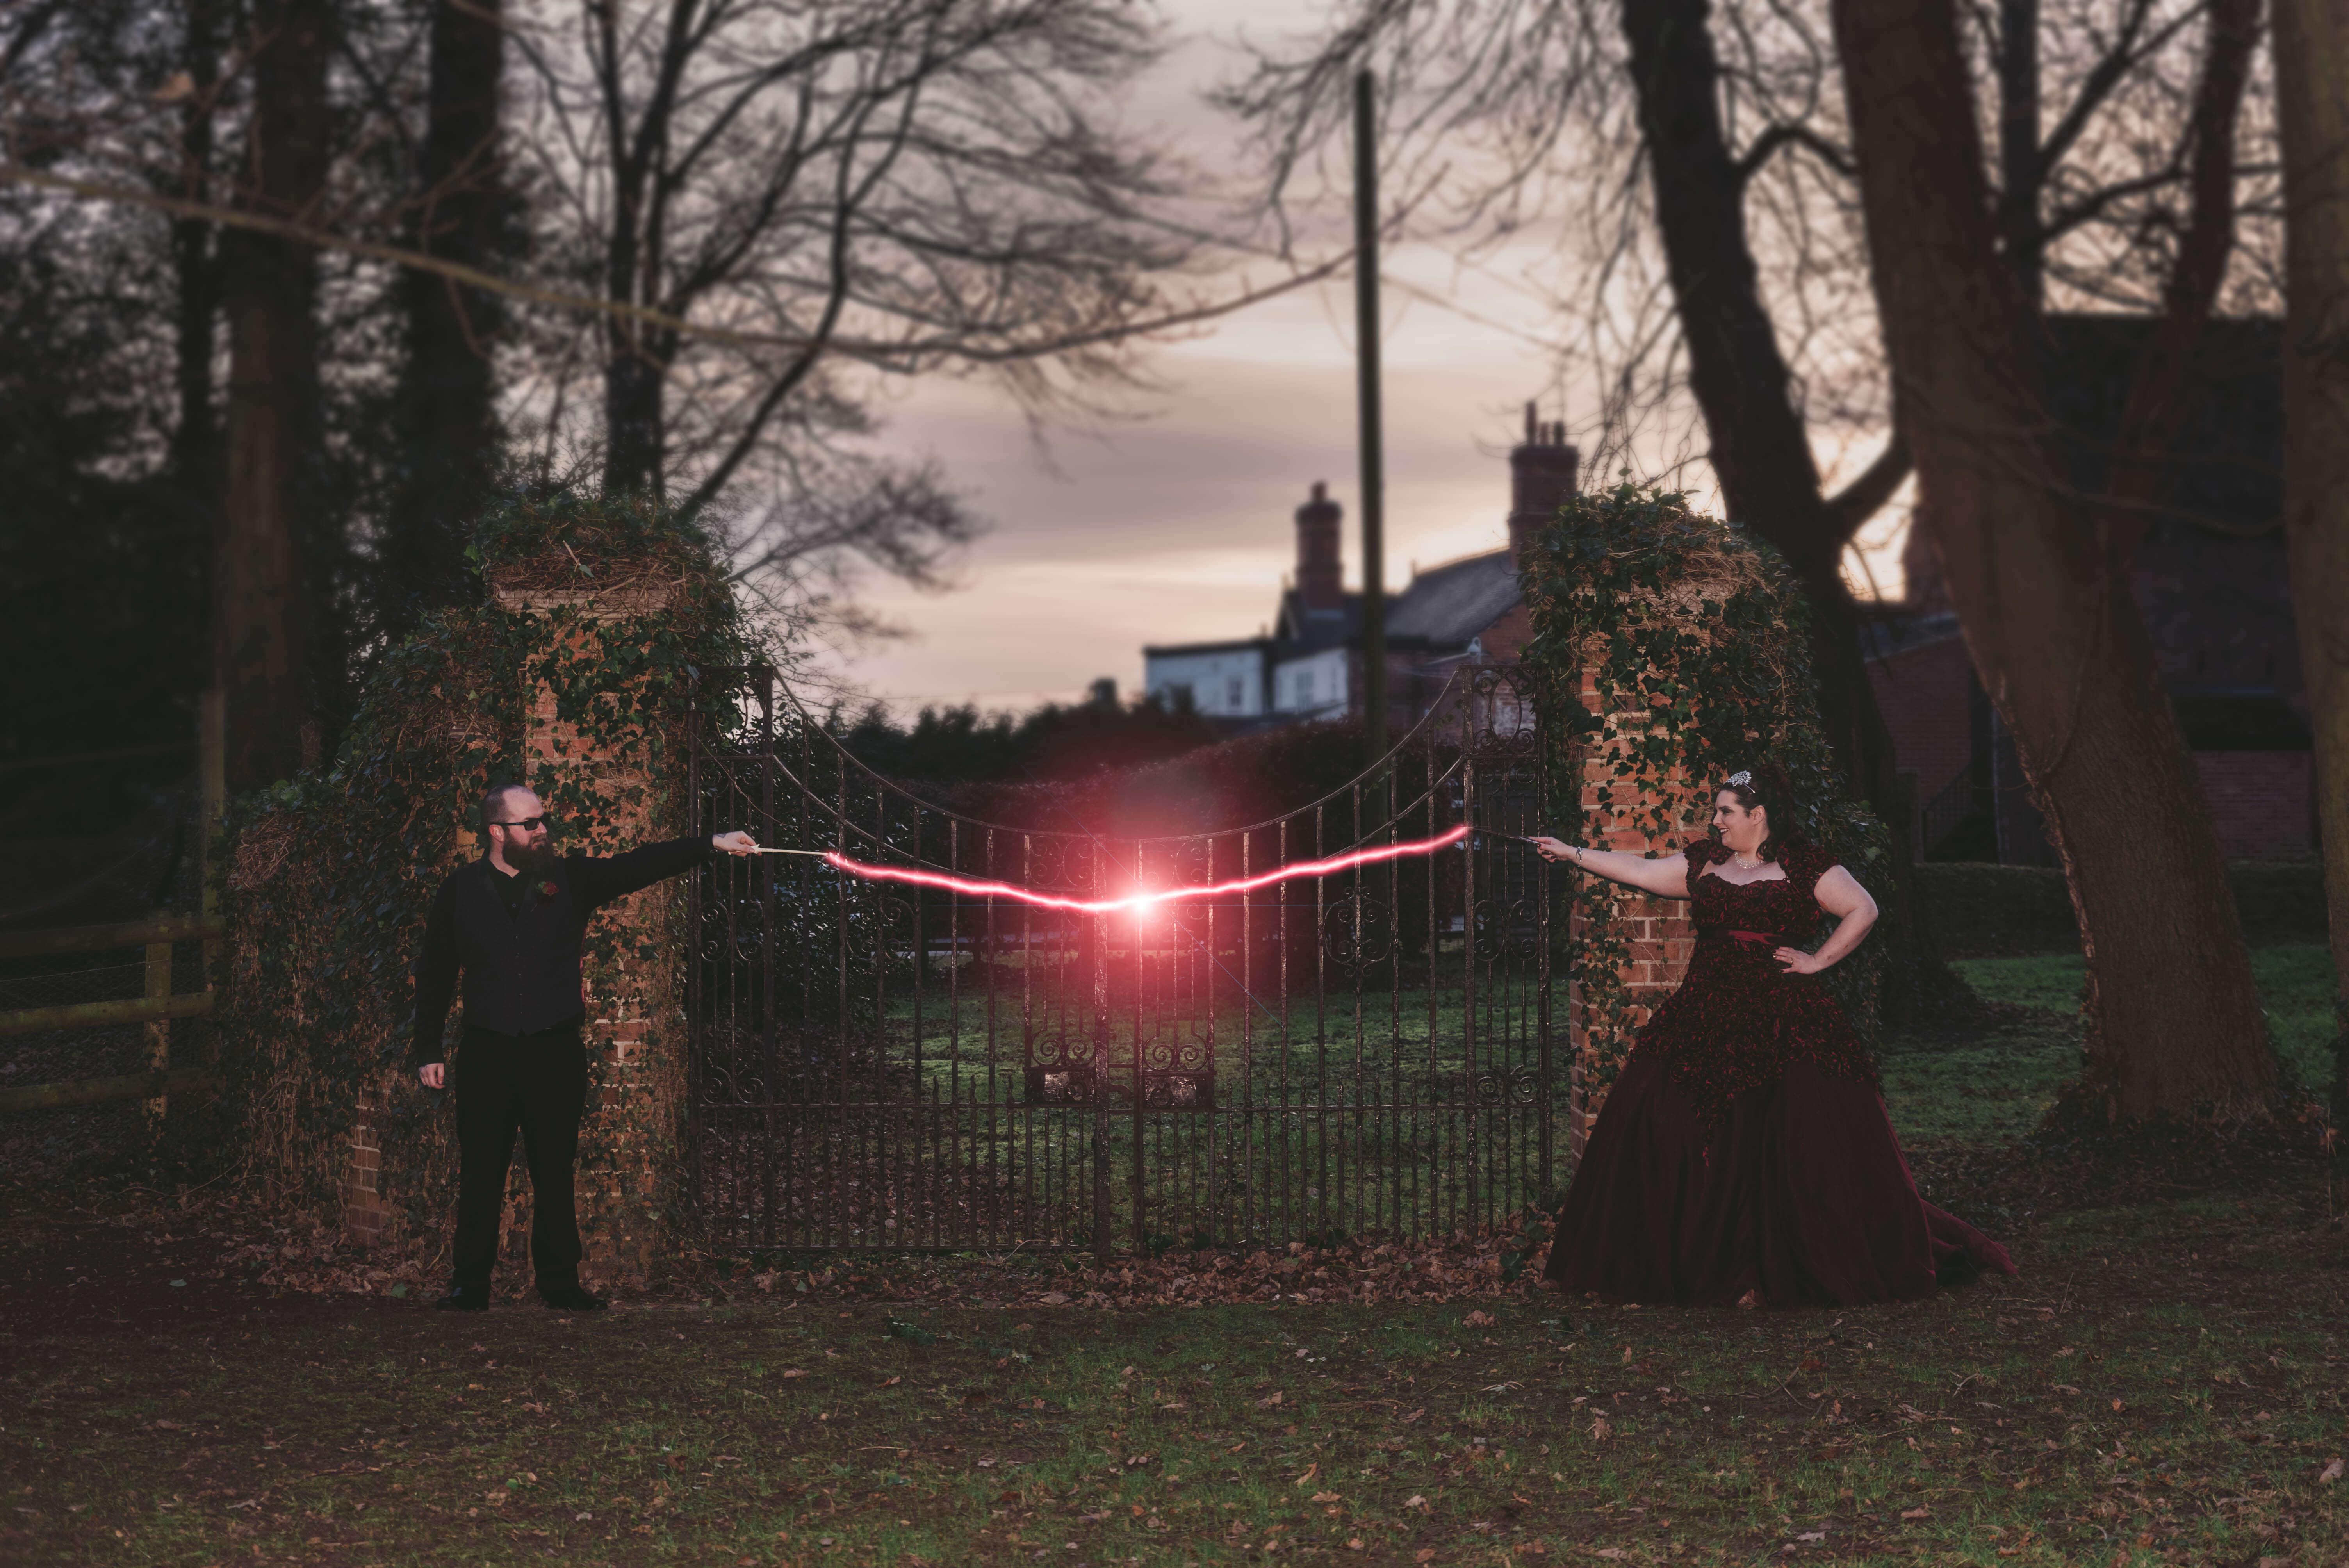 Donnington Park Farm Wedding 24 01 2017 18